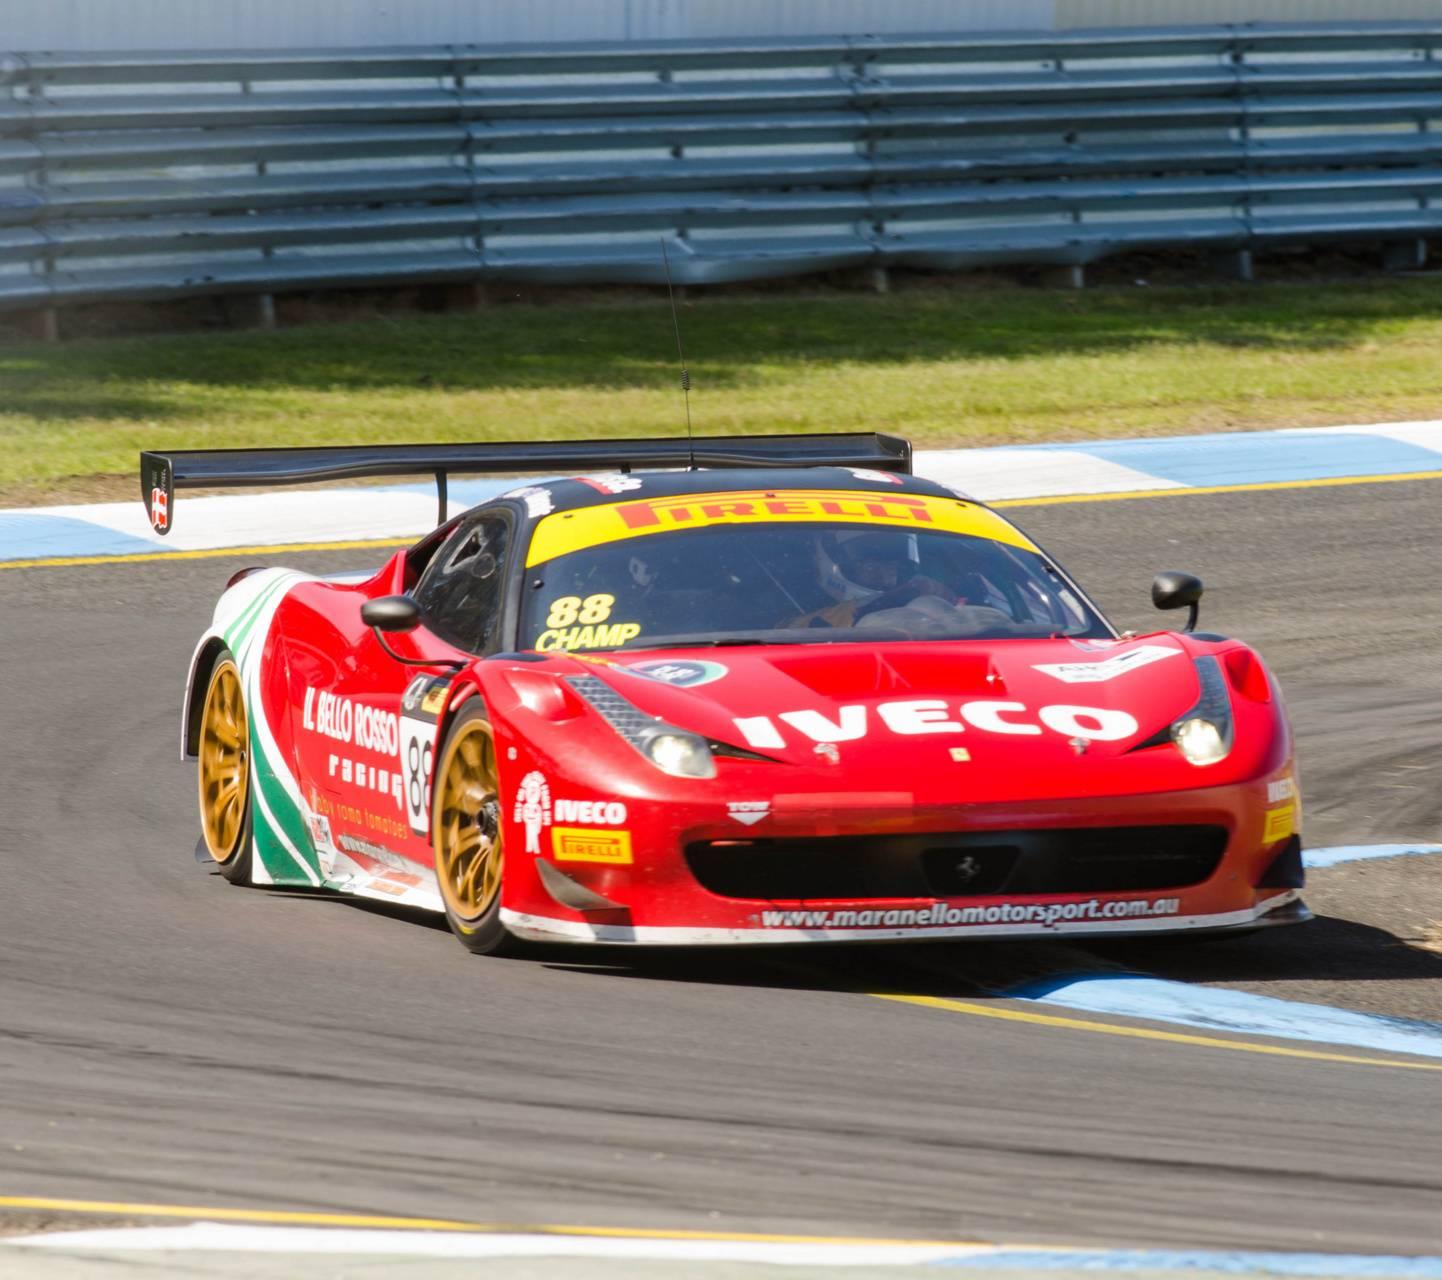 GT racer